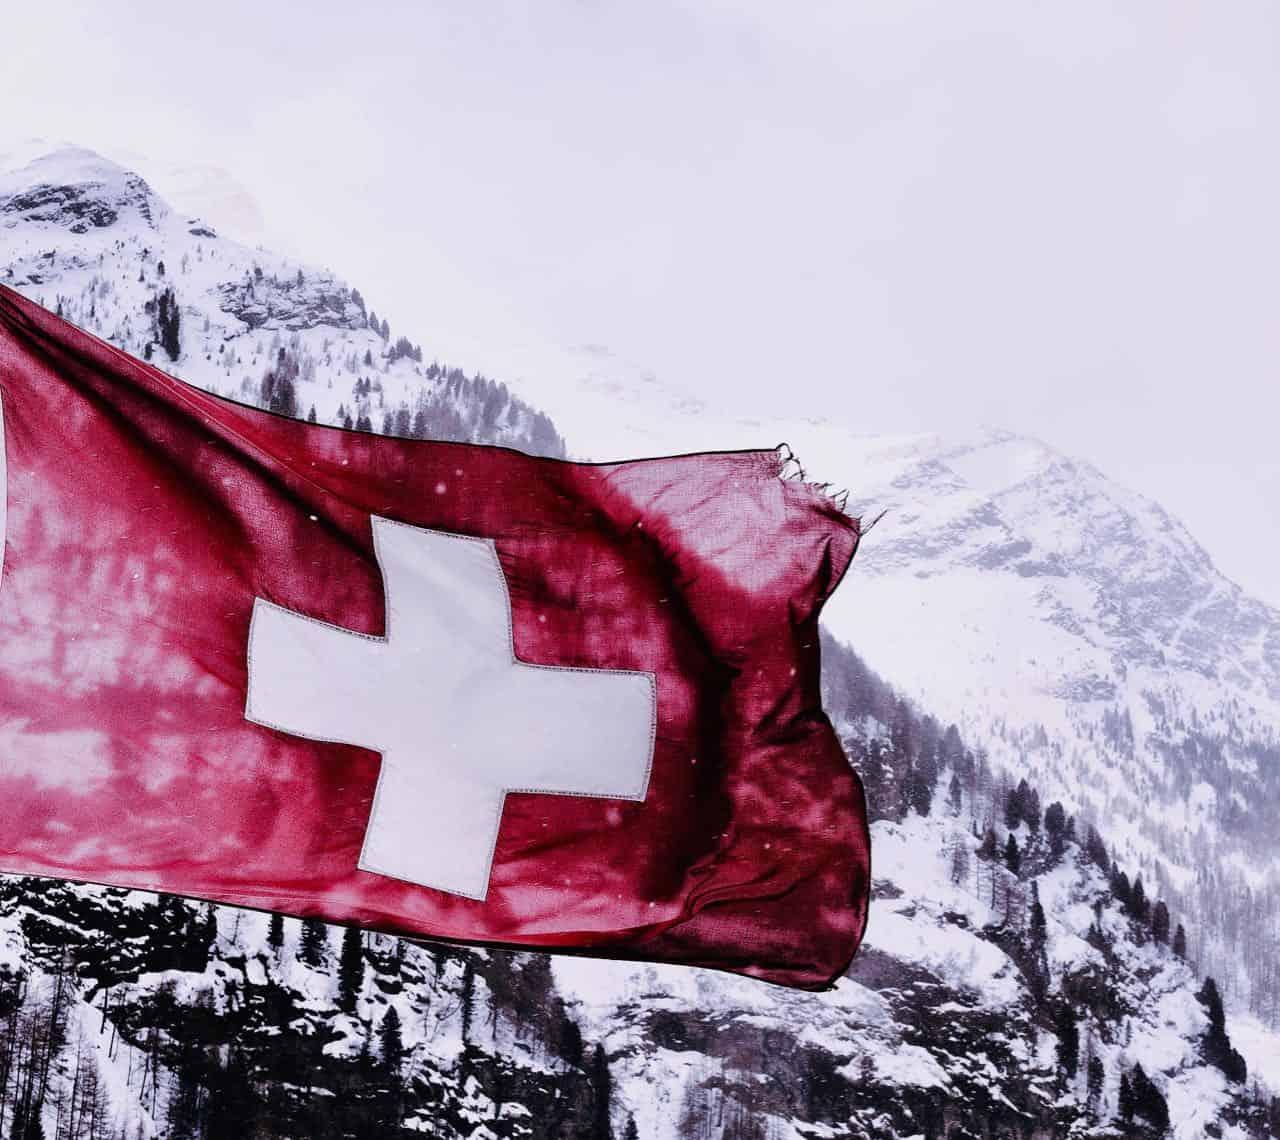 Swisscom, Deutsche Börse Settle Securities Transactions via DLT